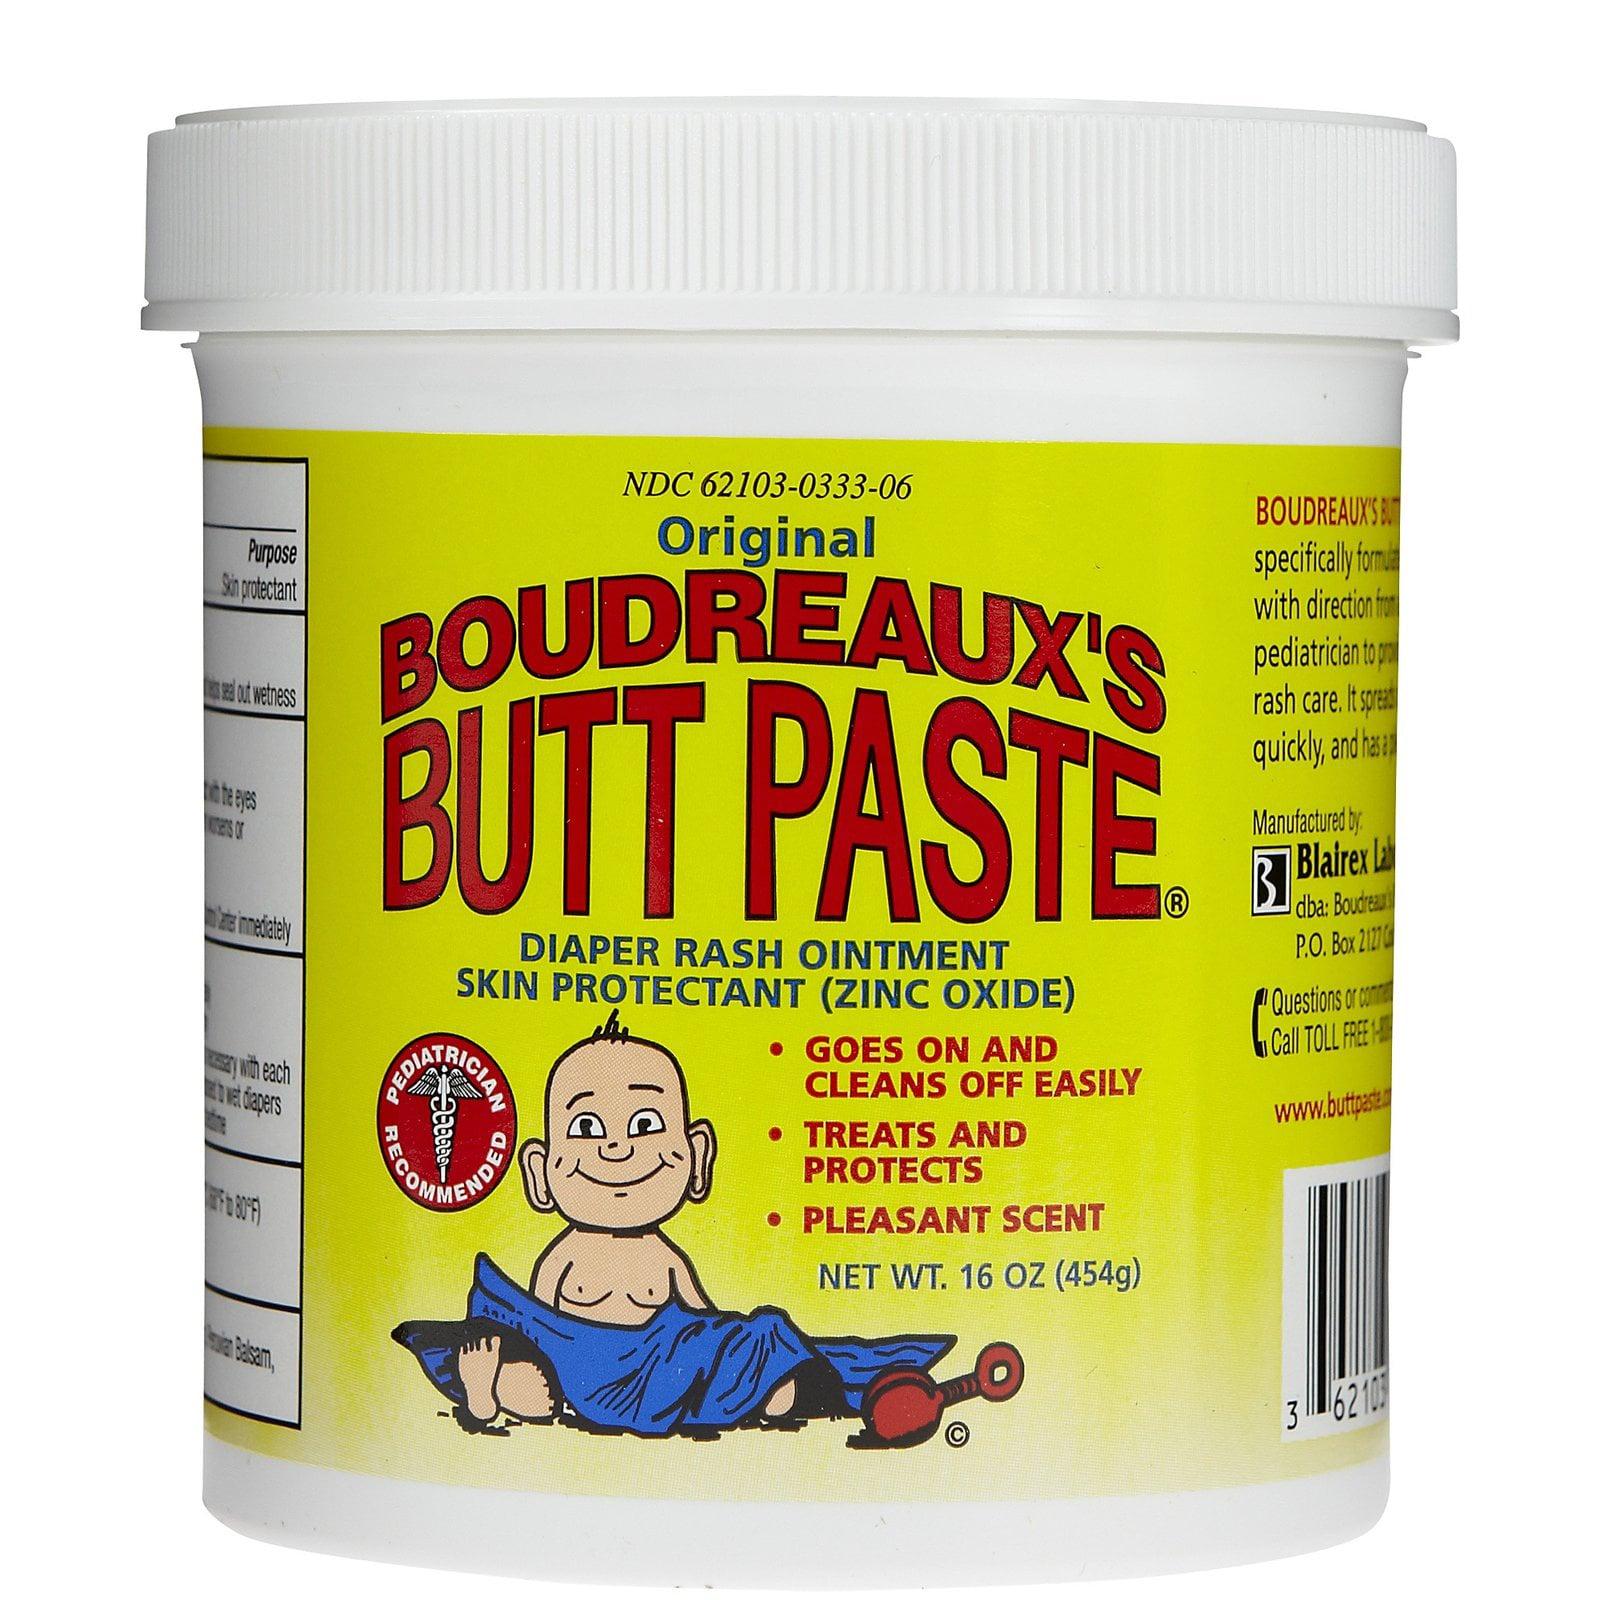 Bordreaux's Butt Paste